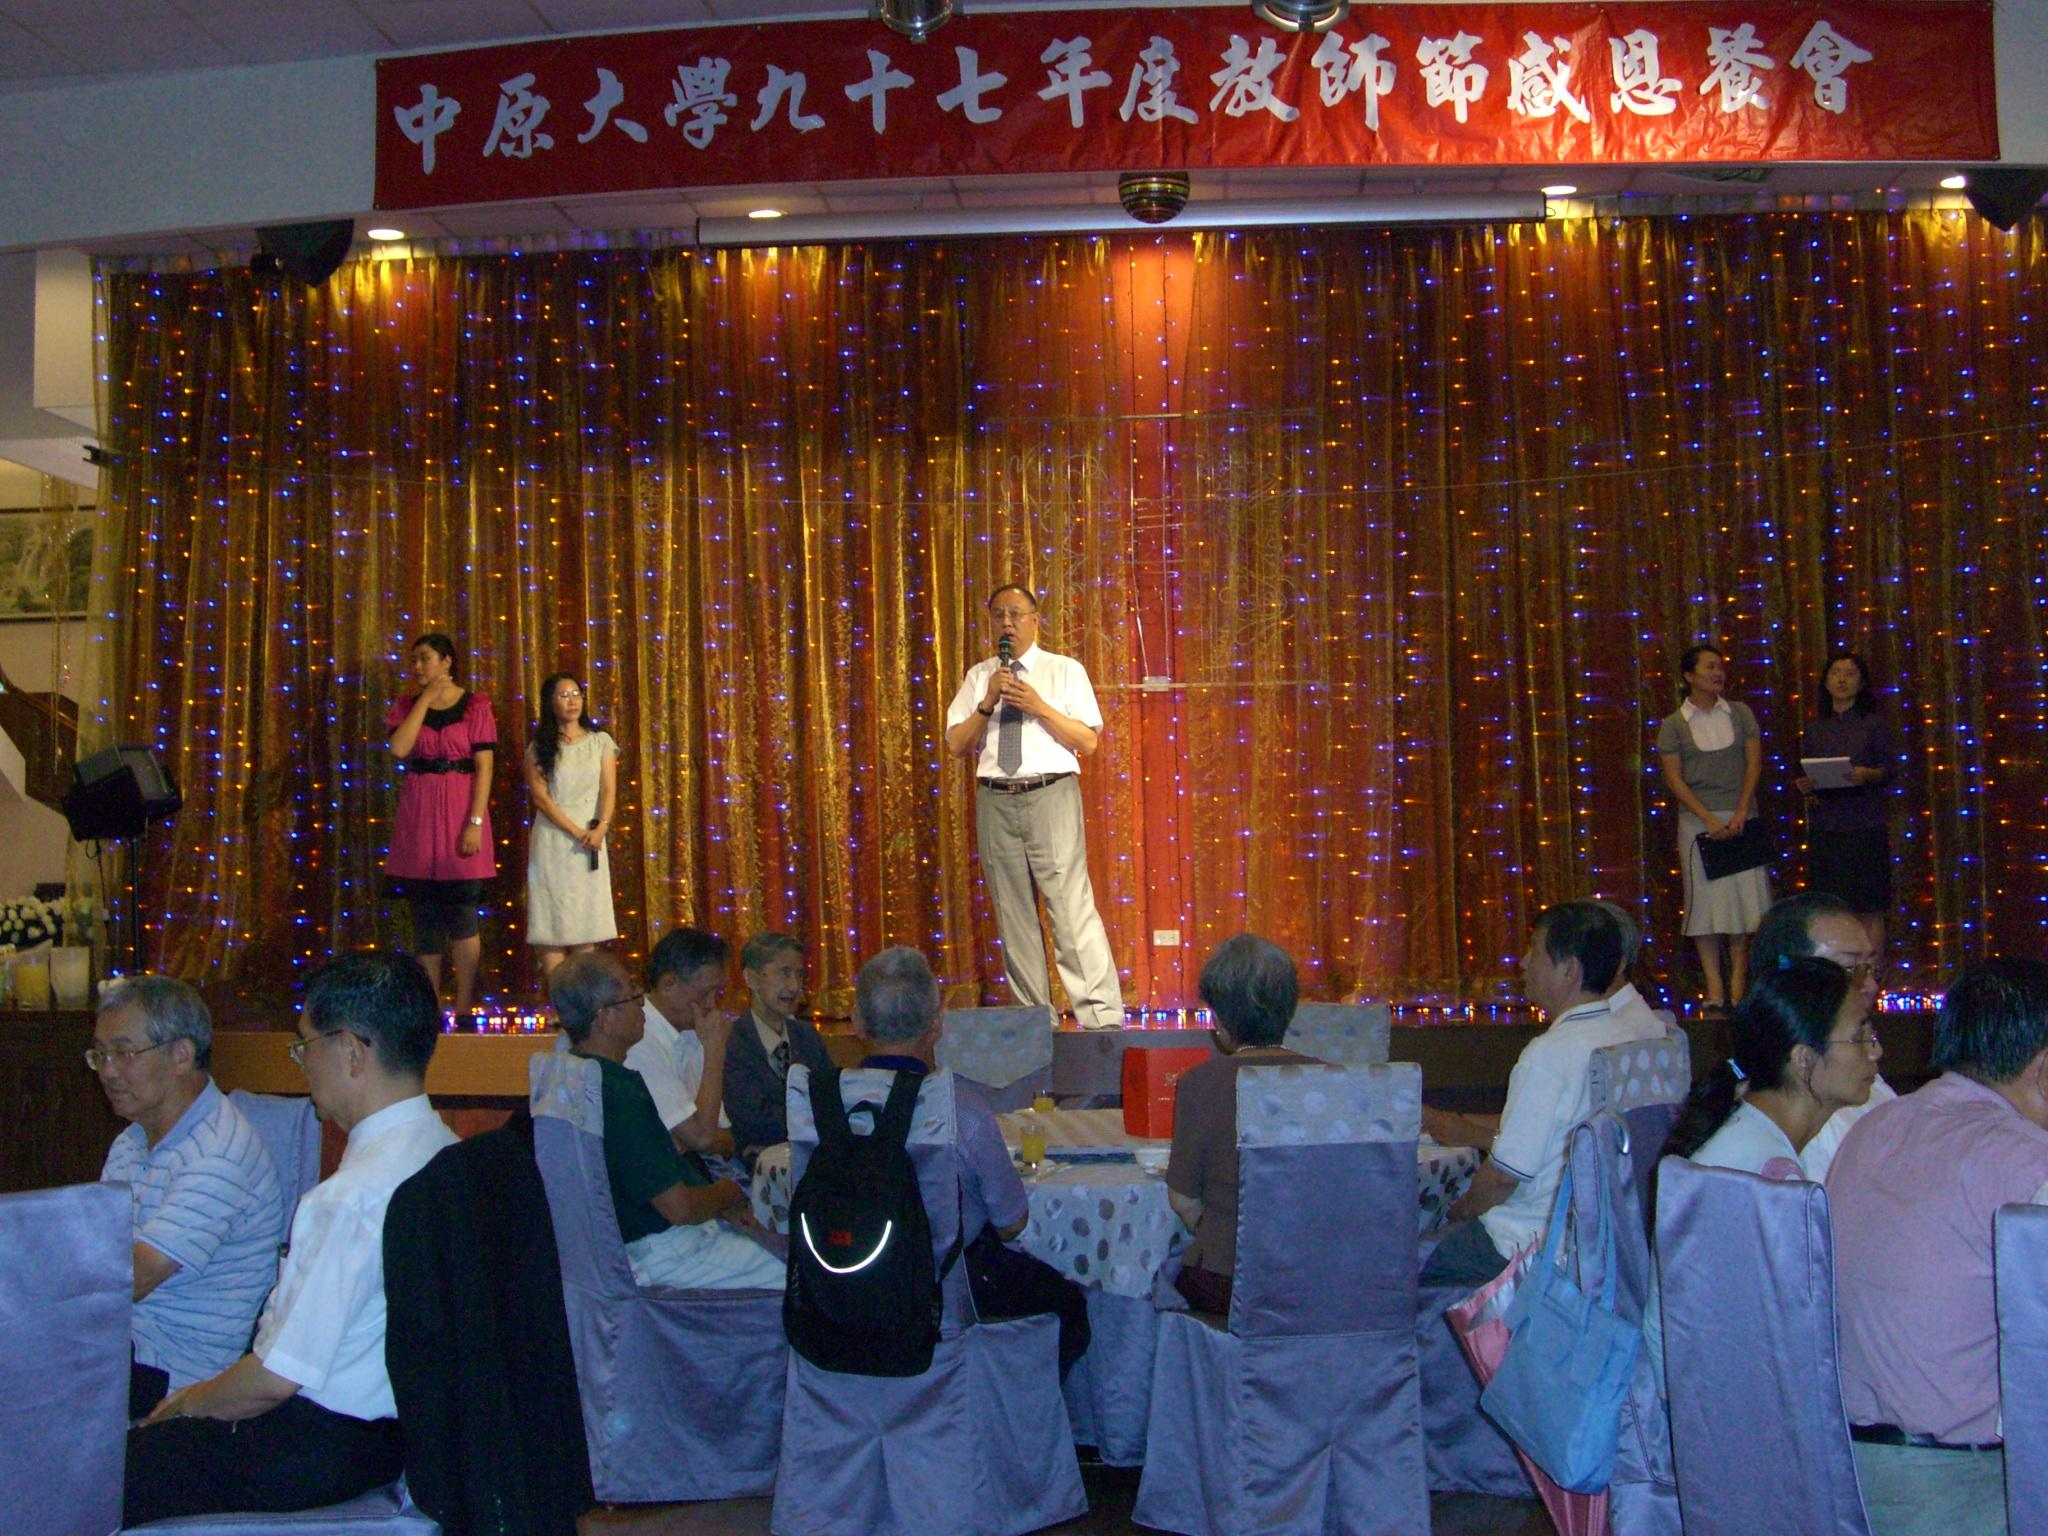 中原大學慶祝教師節 六百位同仁參加感恩餐會